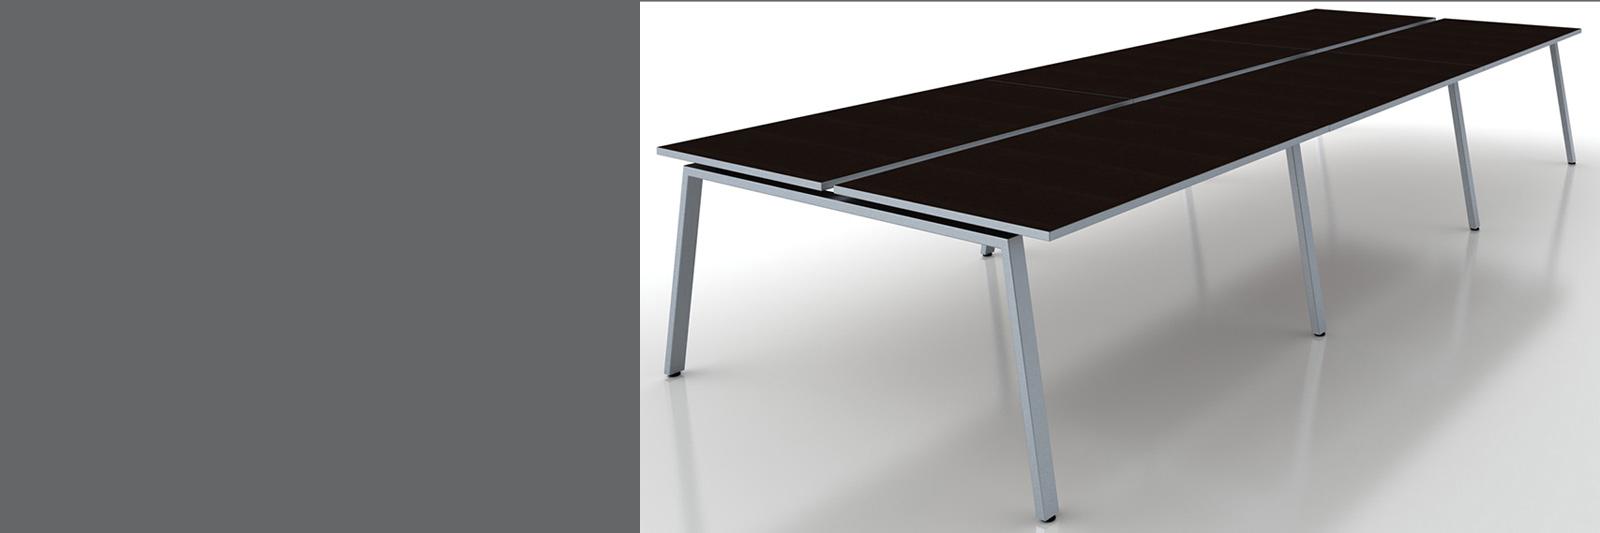 Металлокаркасы КАППА для рабочих и переговорных столов